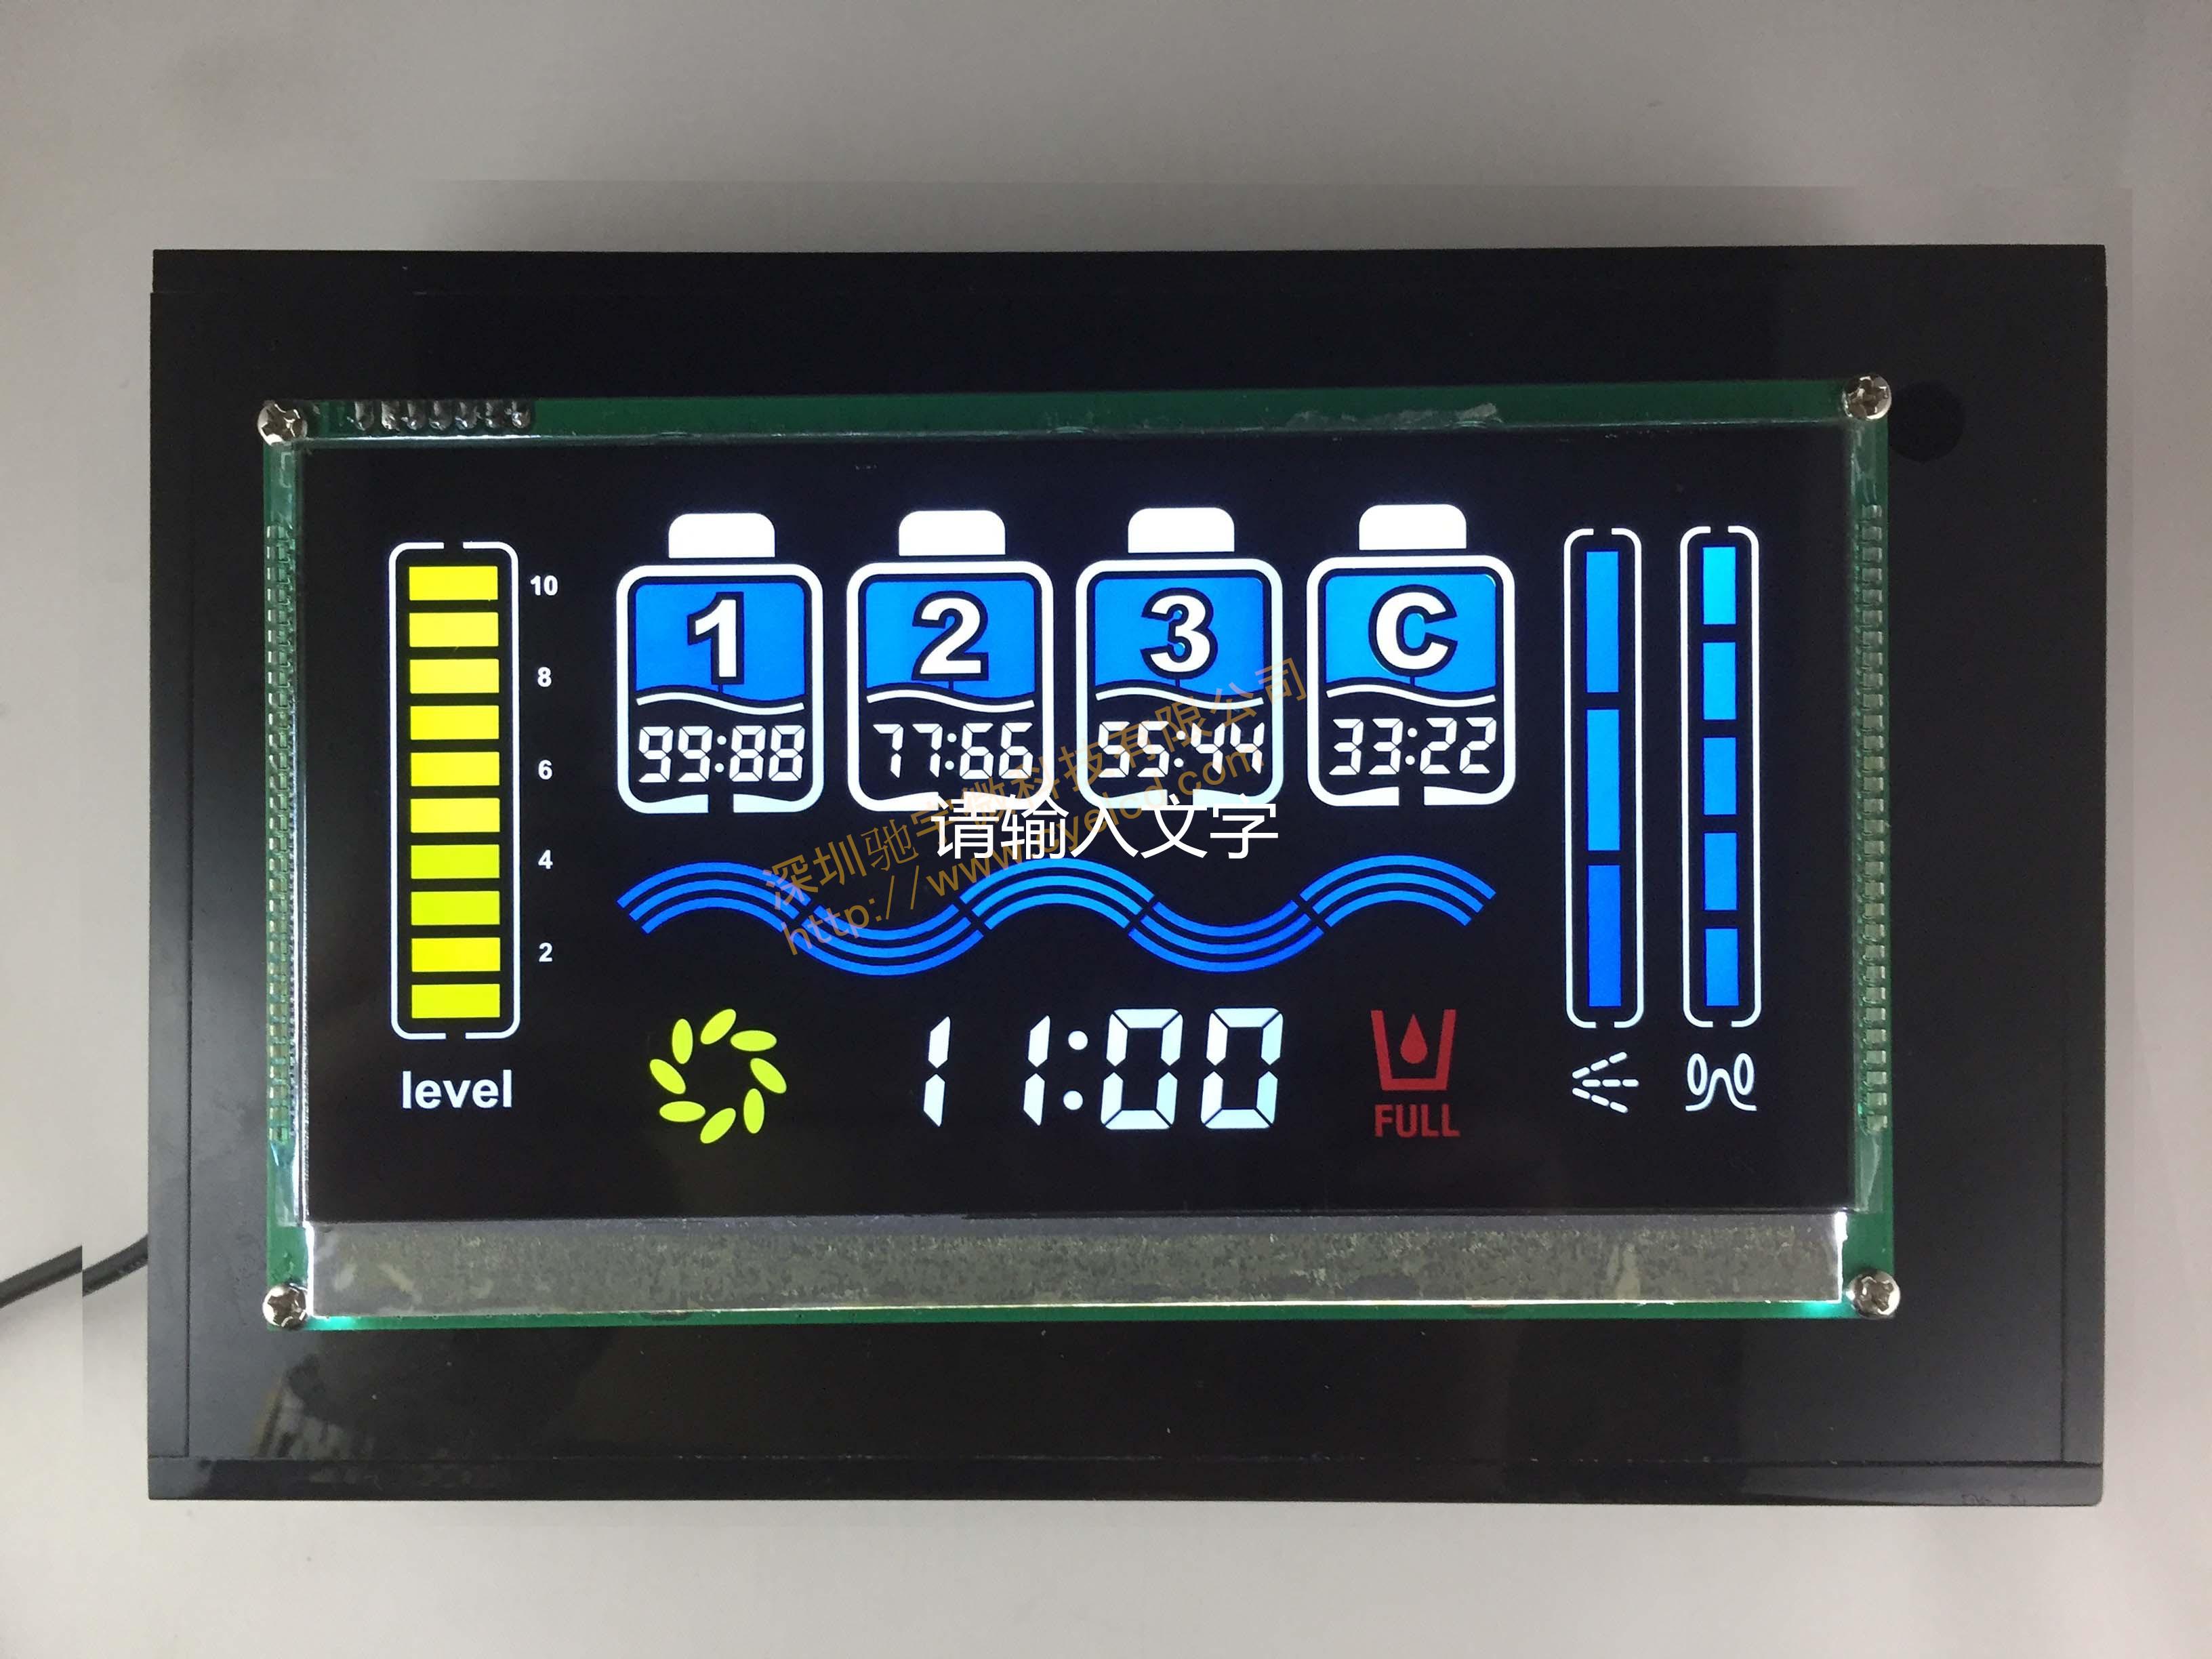 如何区分真彩与假彩LCD液晶屏?